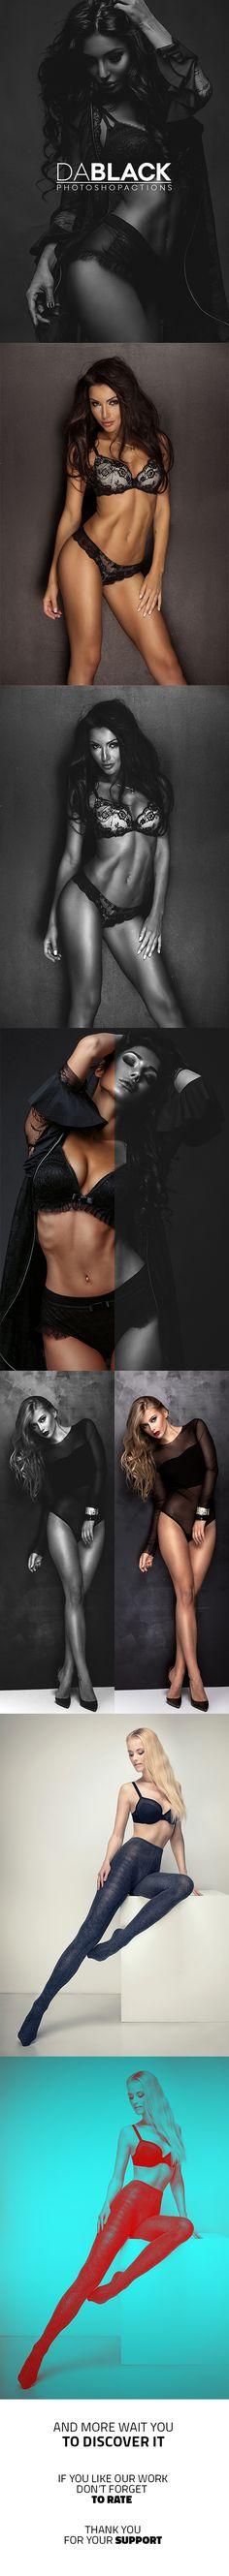 DaBLACK PRO Set Photoshop Actions #photoeffect Download: http://graphicriver.net/item/dablack-pro-set-photoshop-actions/14239210?ref=ksioks